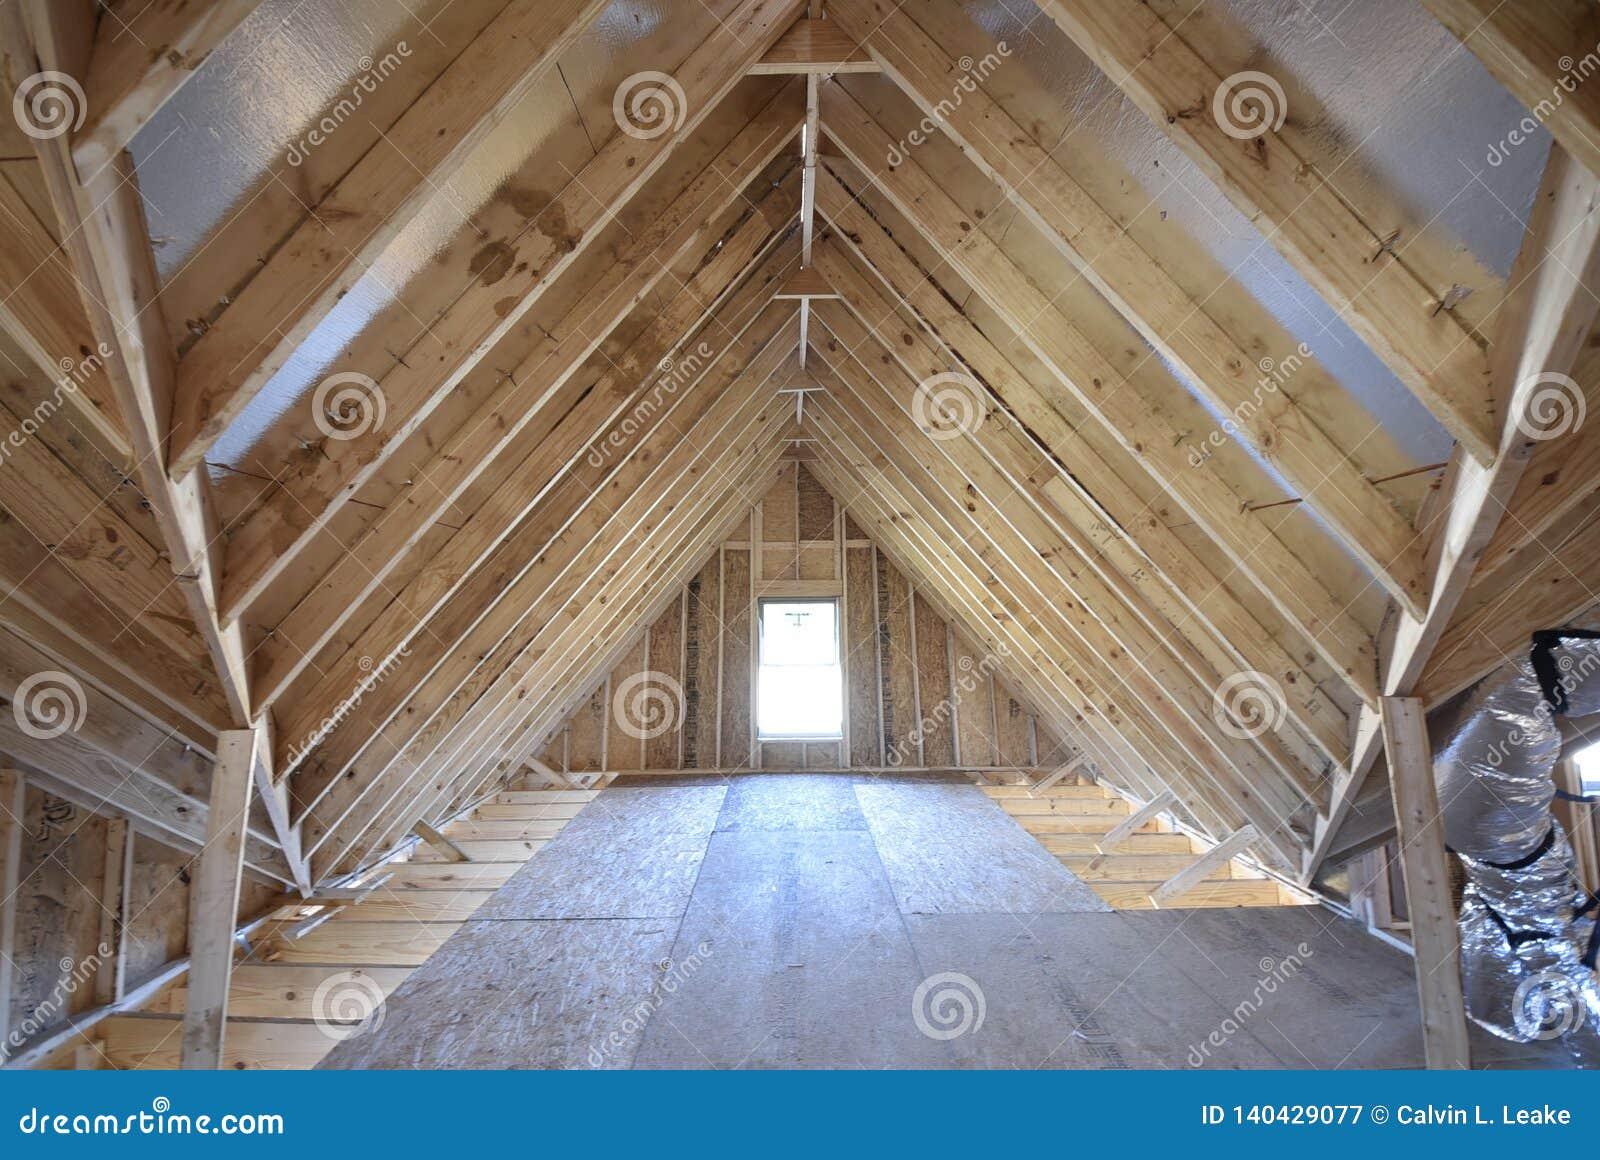 Het zolder Ontwerpen en Bouw van het Dwarsbalk de Nieuwe Huis